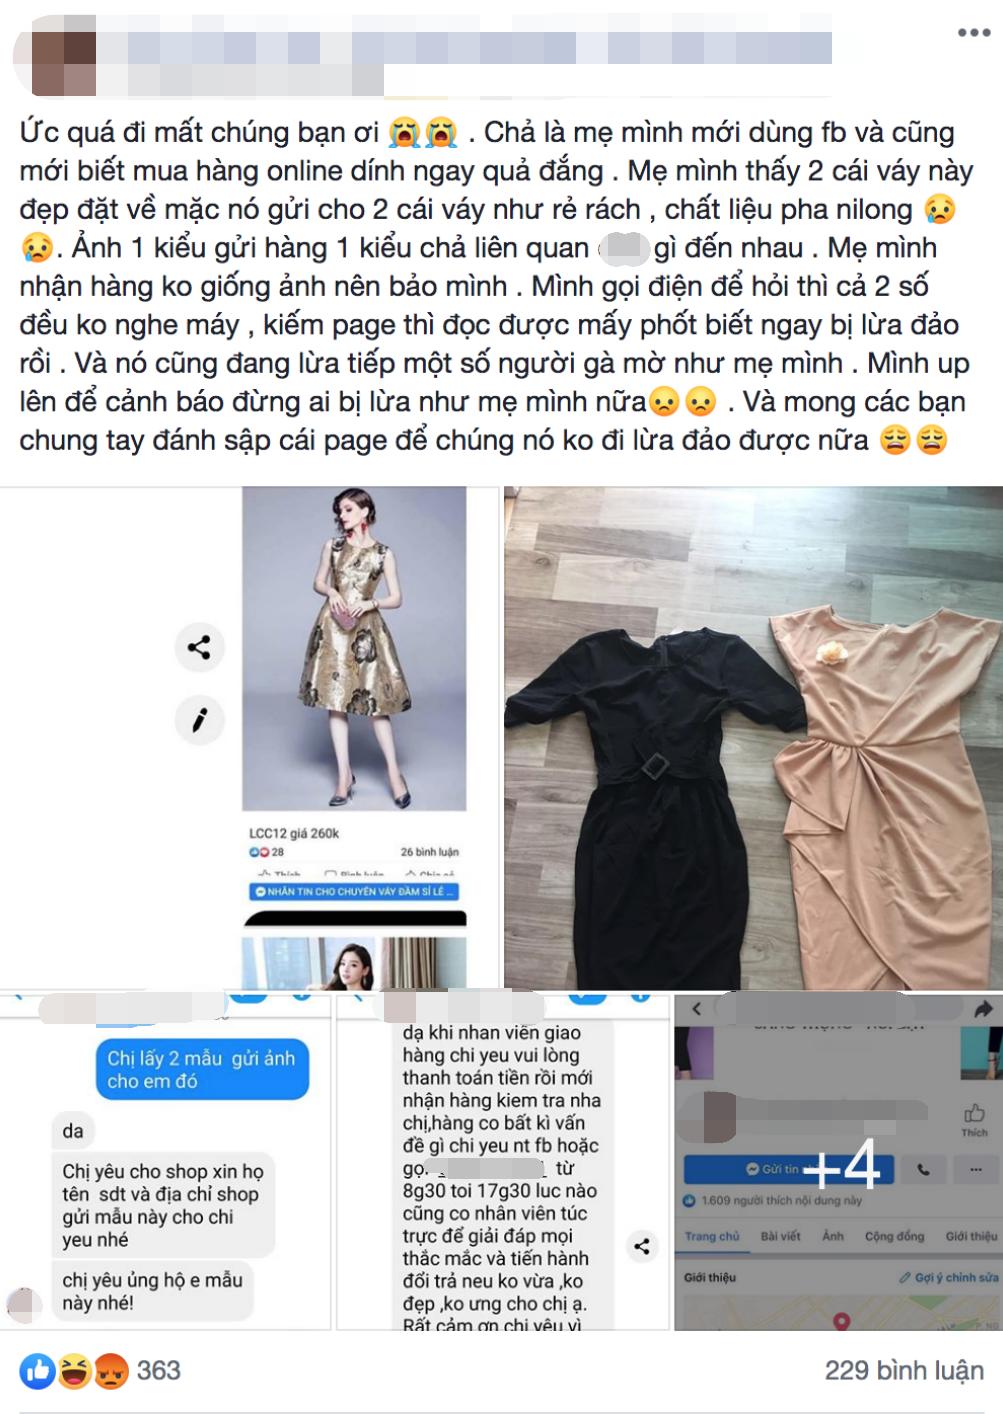 Mẹ mới dùng Facebook đã bị lừa khi mua hàng online, cô nàng ấm ức kể với dân mạng liền nhận về phản ứng bất ngờ-1